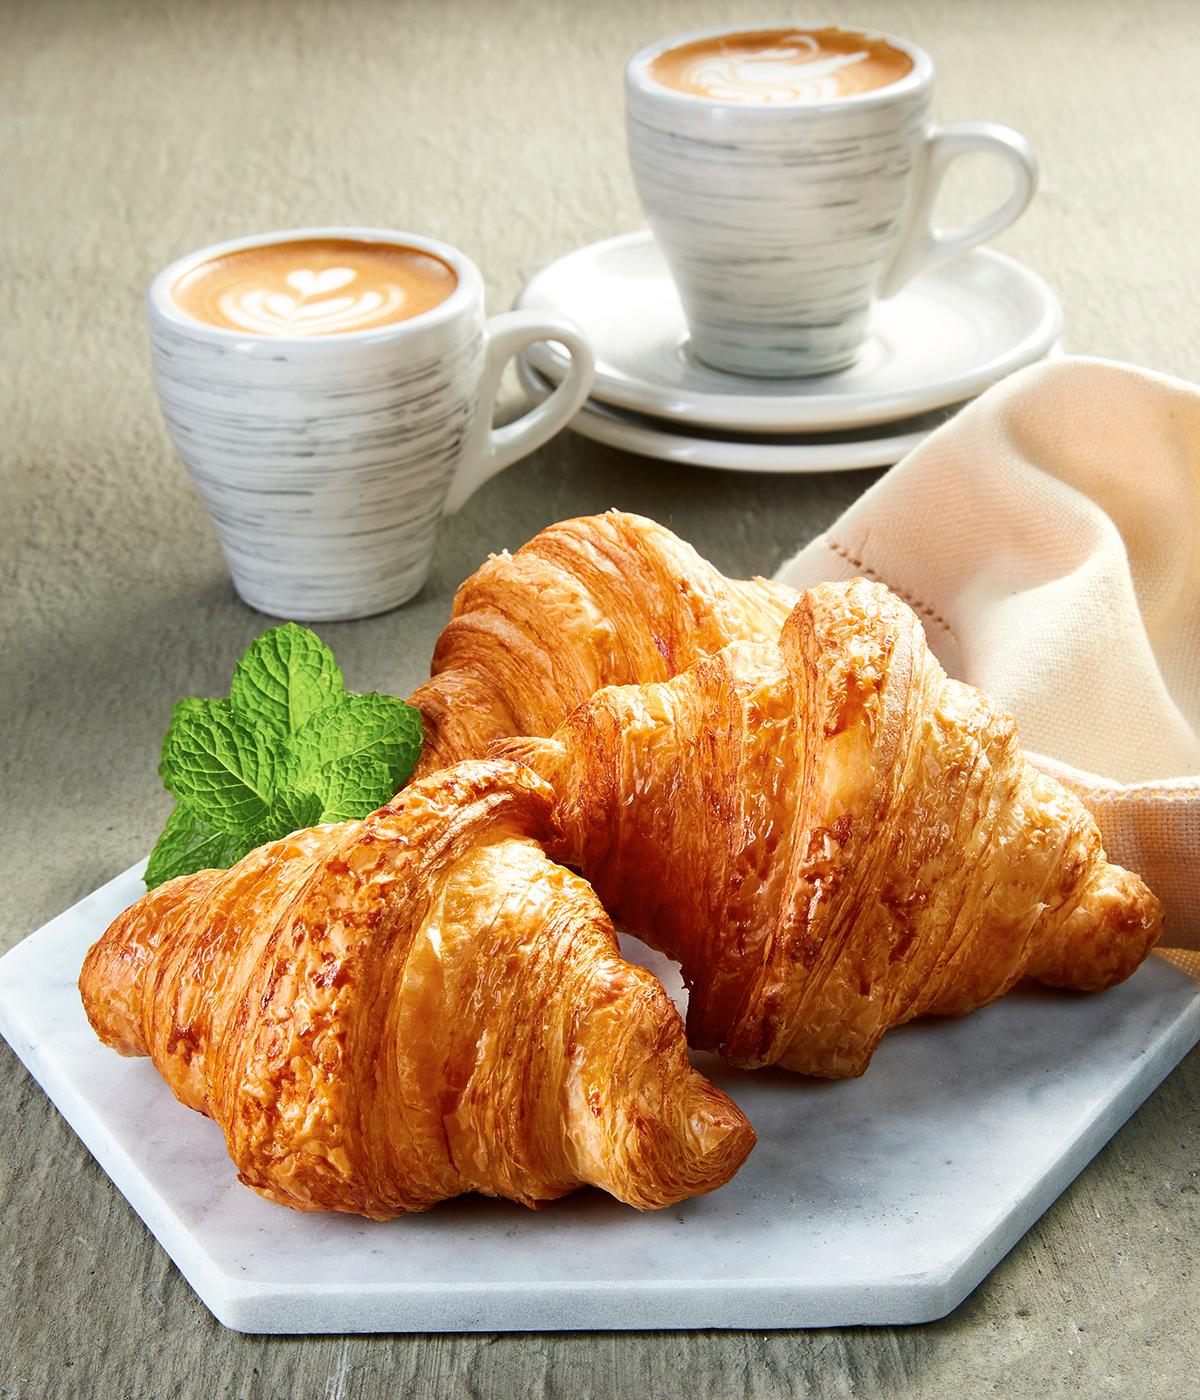 bakery8.jpg